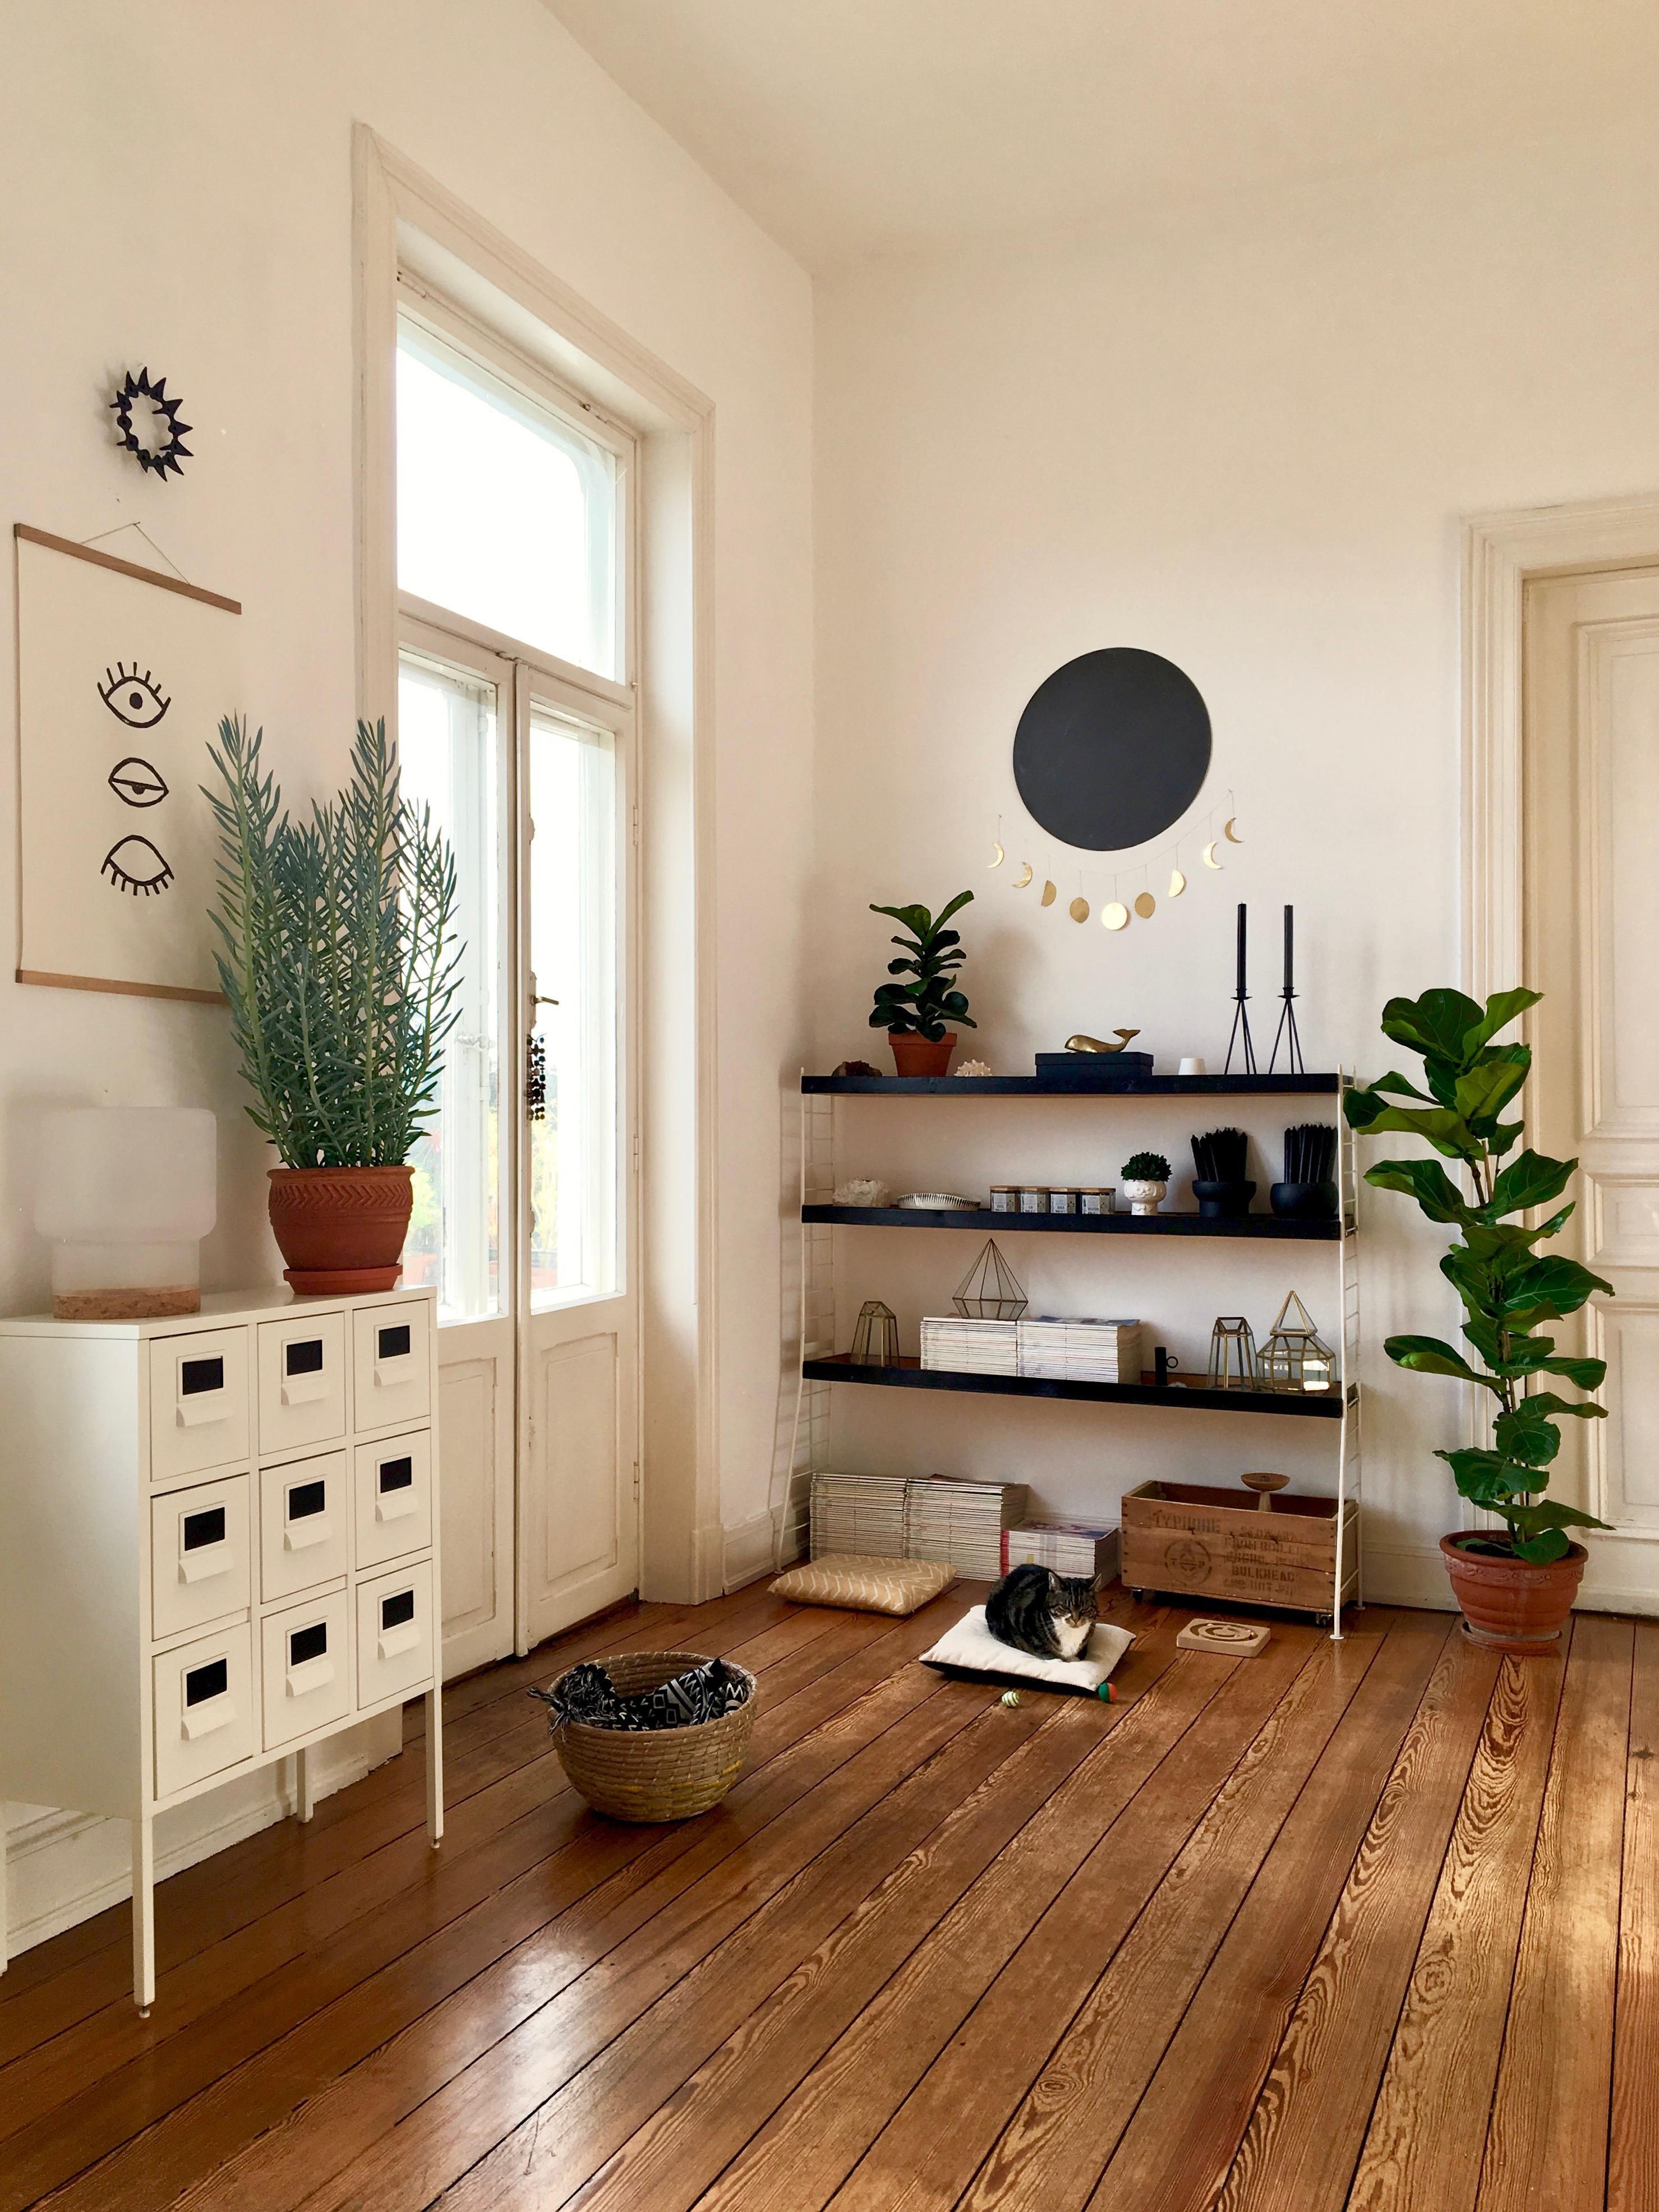 BlackMoon Wohnzimmer Holzdielen Pflanzen Mond Altbau Midcentury